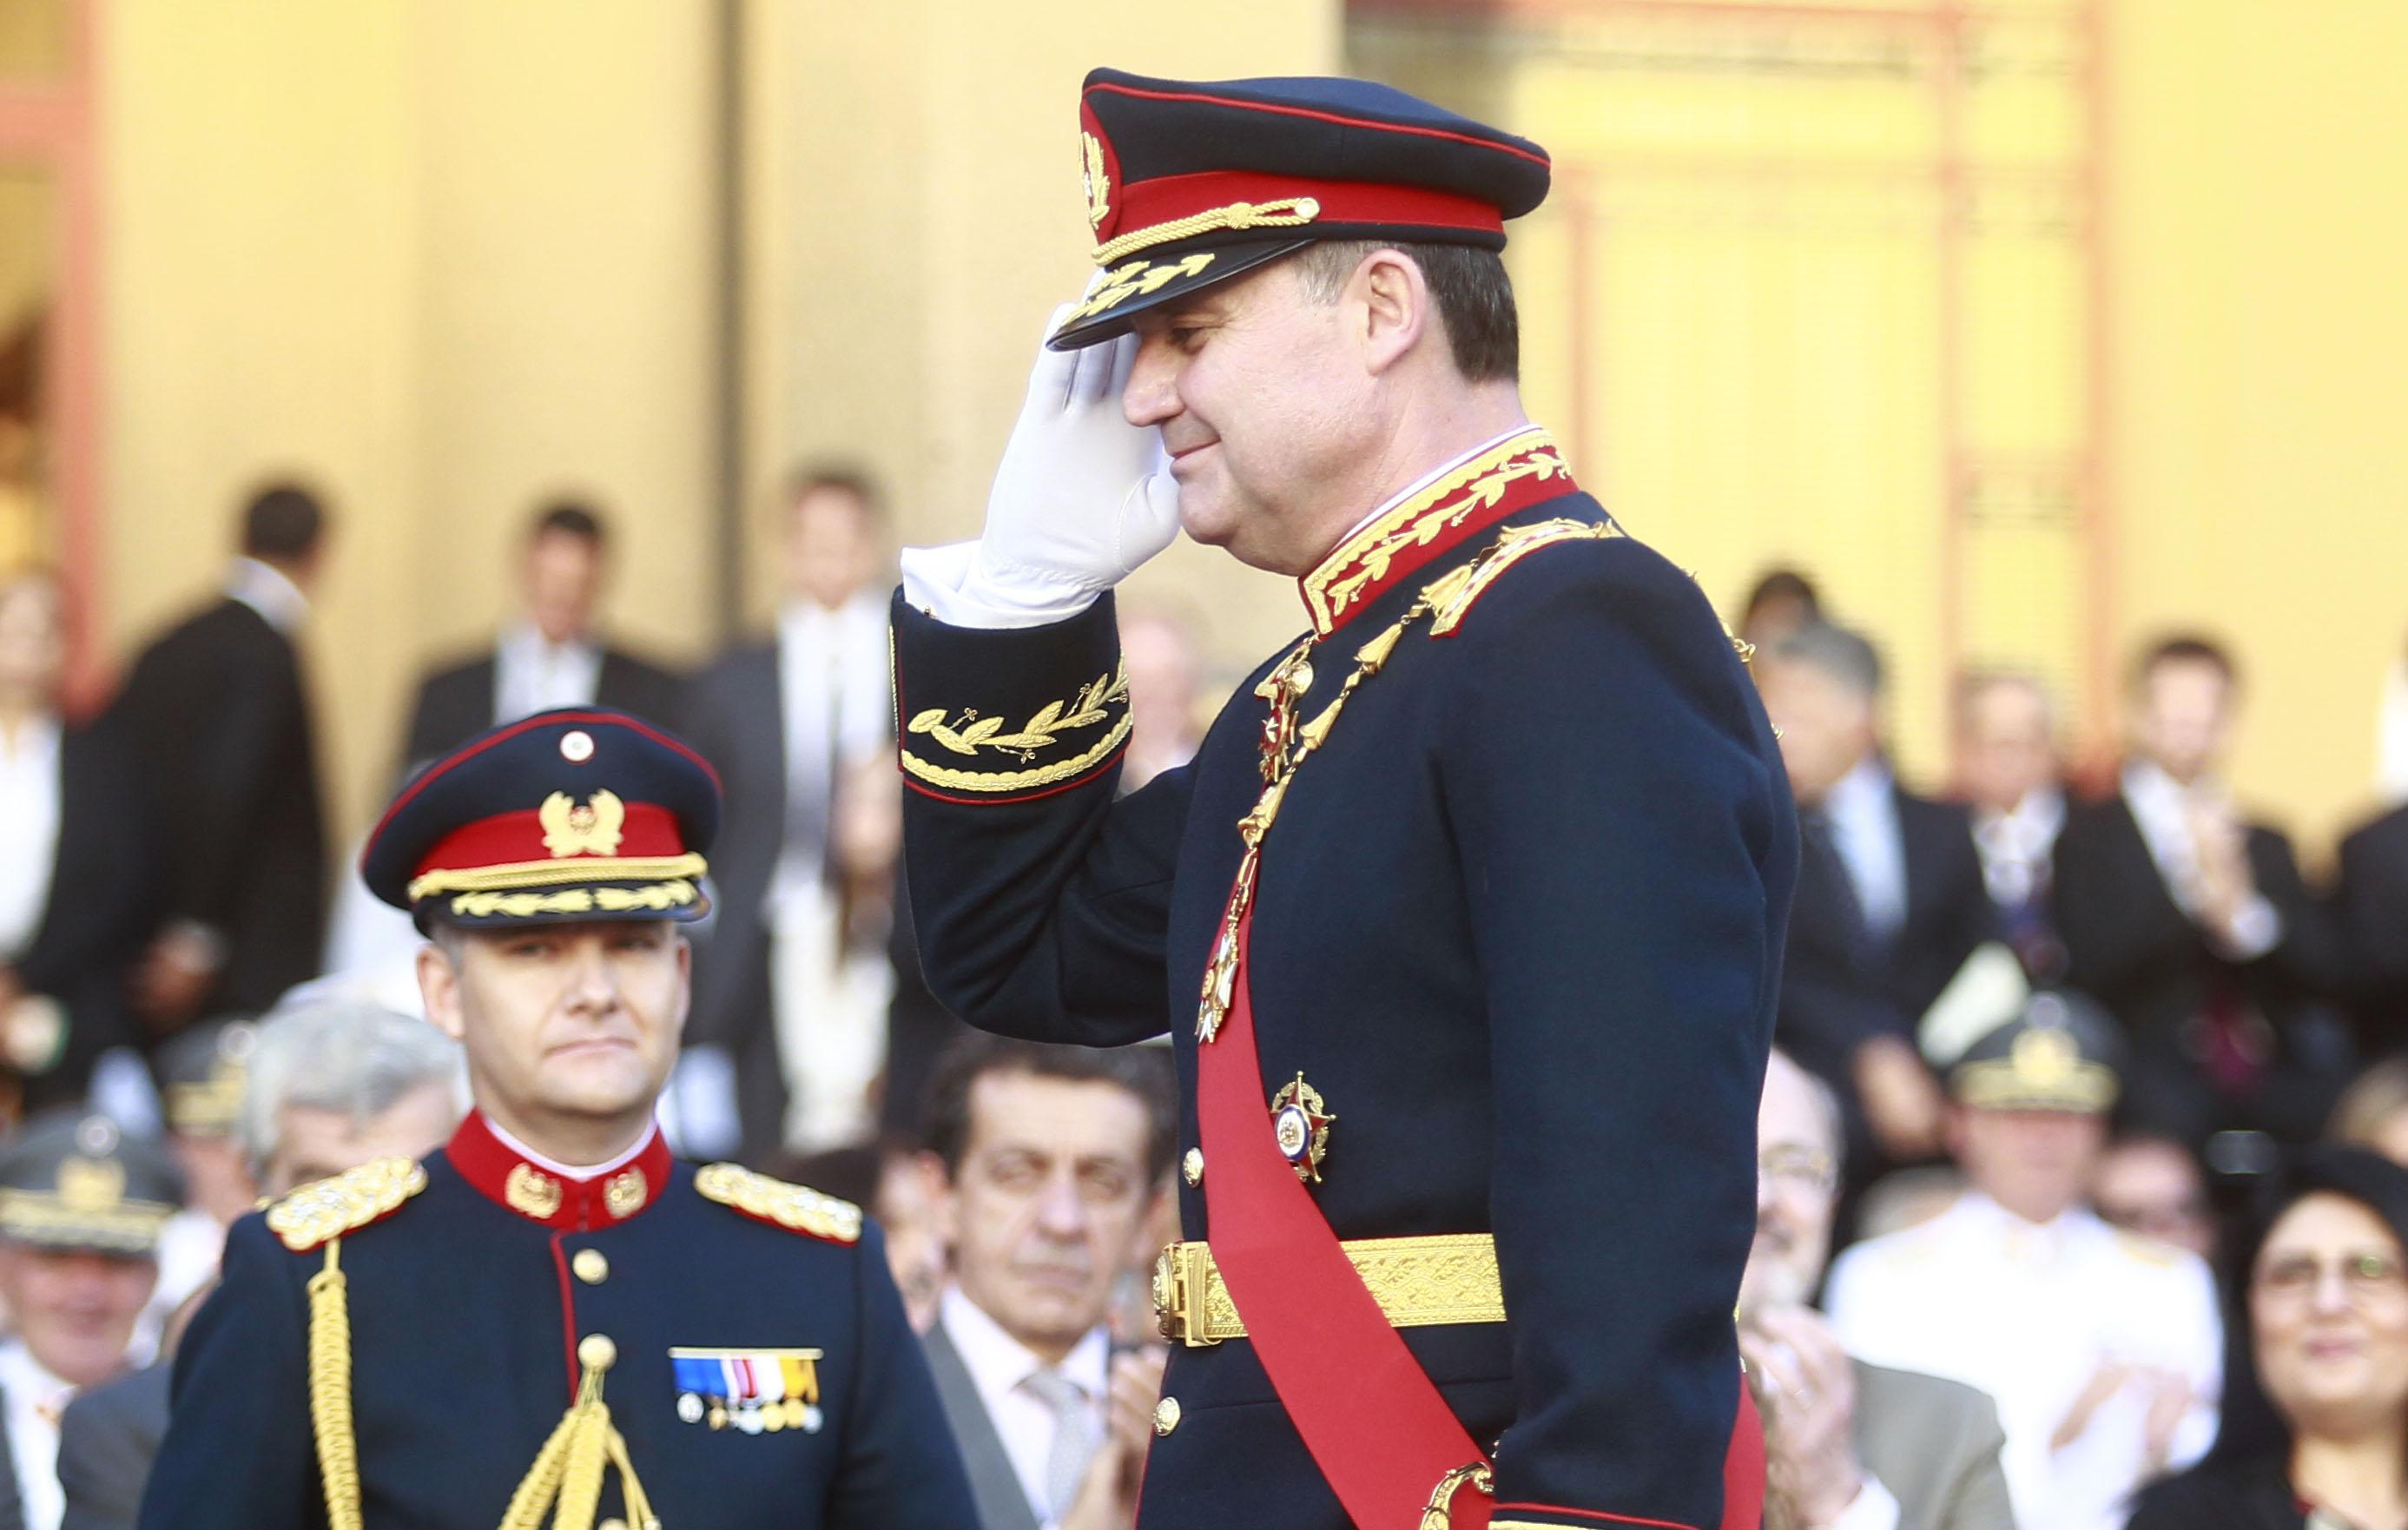 """Ejército responde a reportaje de Informe Especial por sobresueldos: """"Fue bastante injusto"""""""